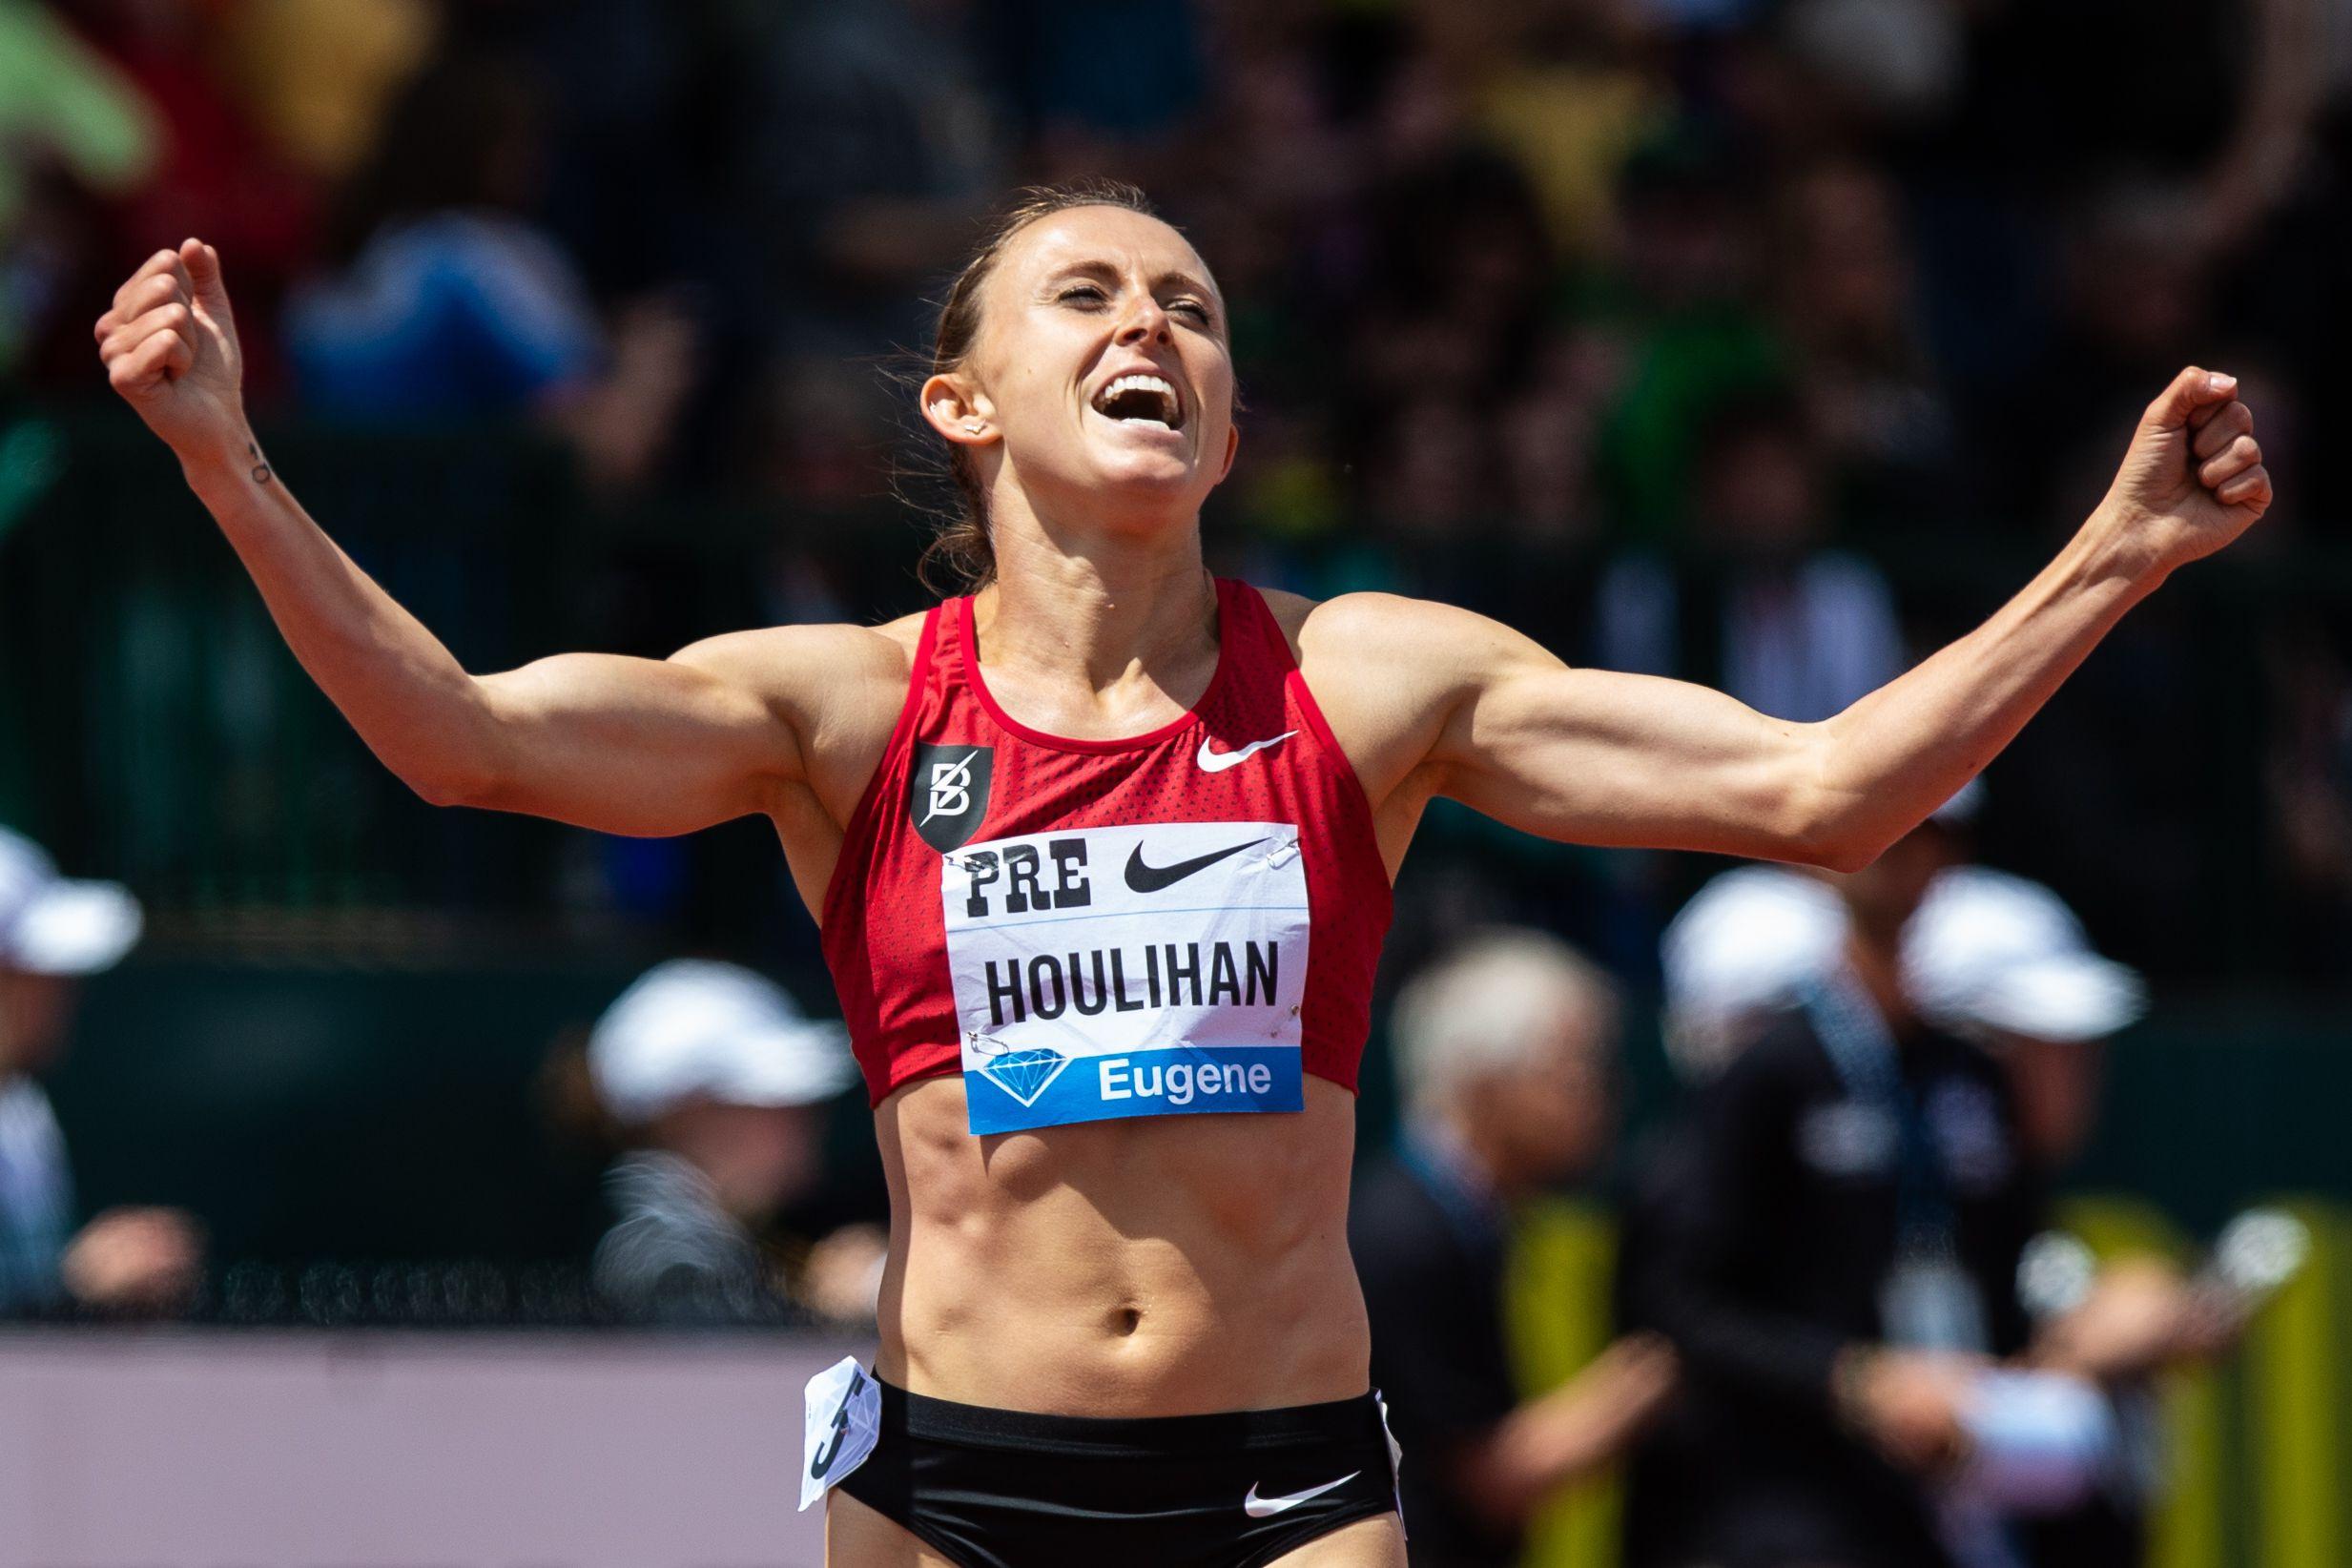 Shelby Houlihan suspendida 4 años por positivo en nandrolona